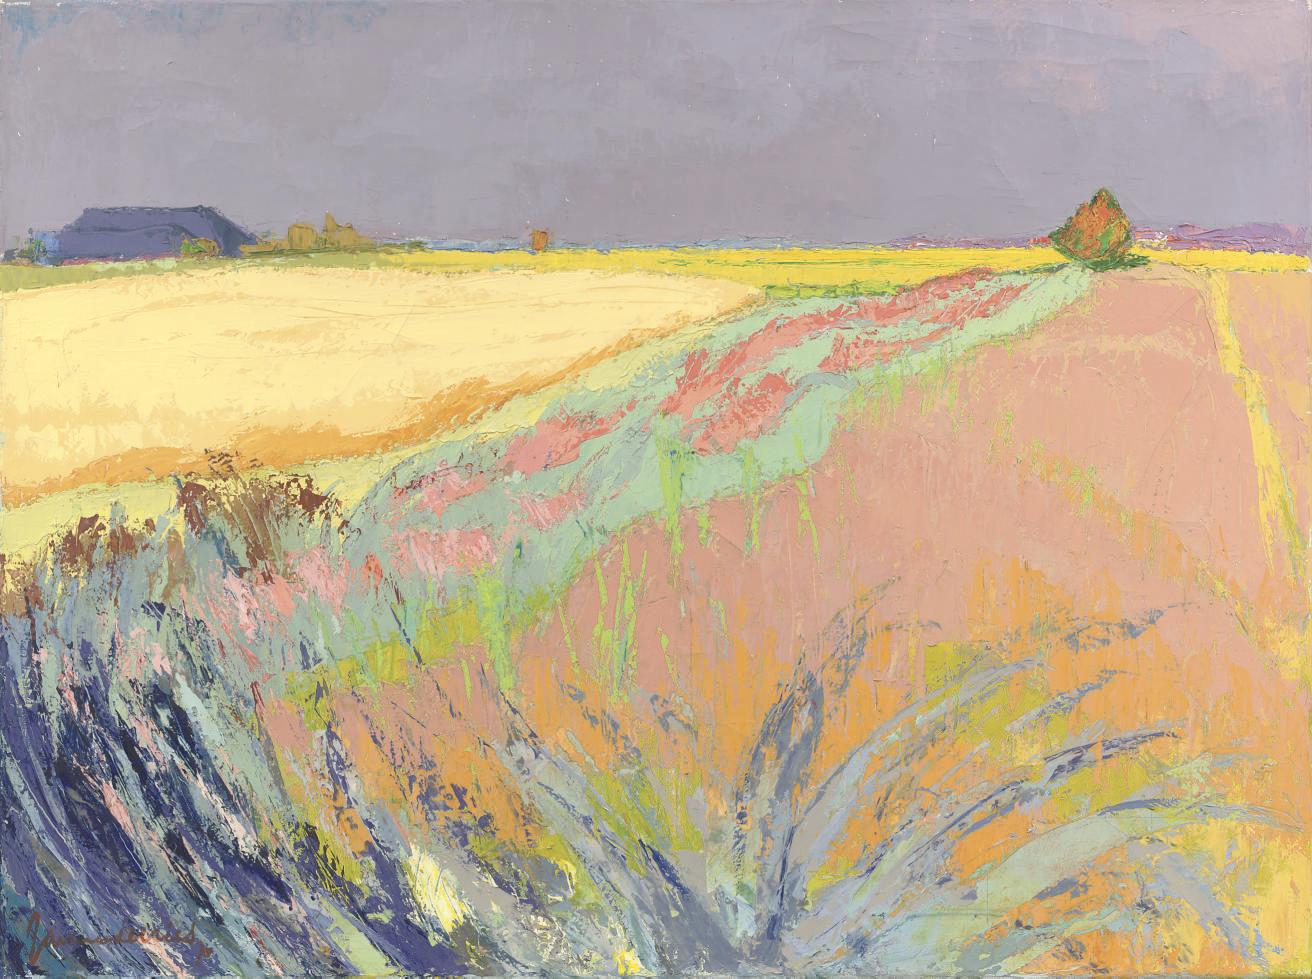 Jannes de Vries (DUTCH, 1901-1